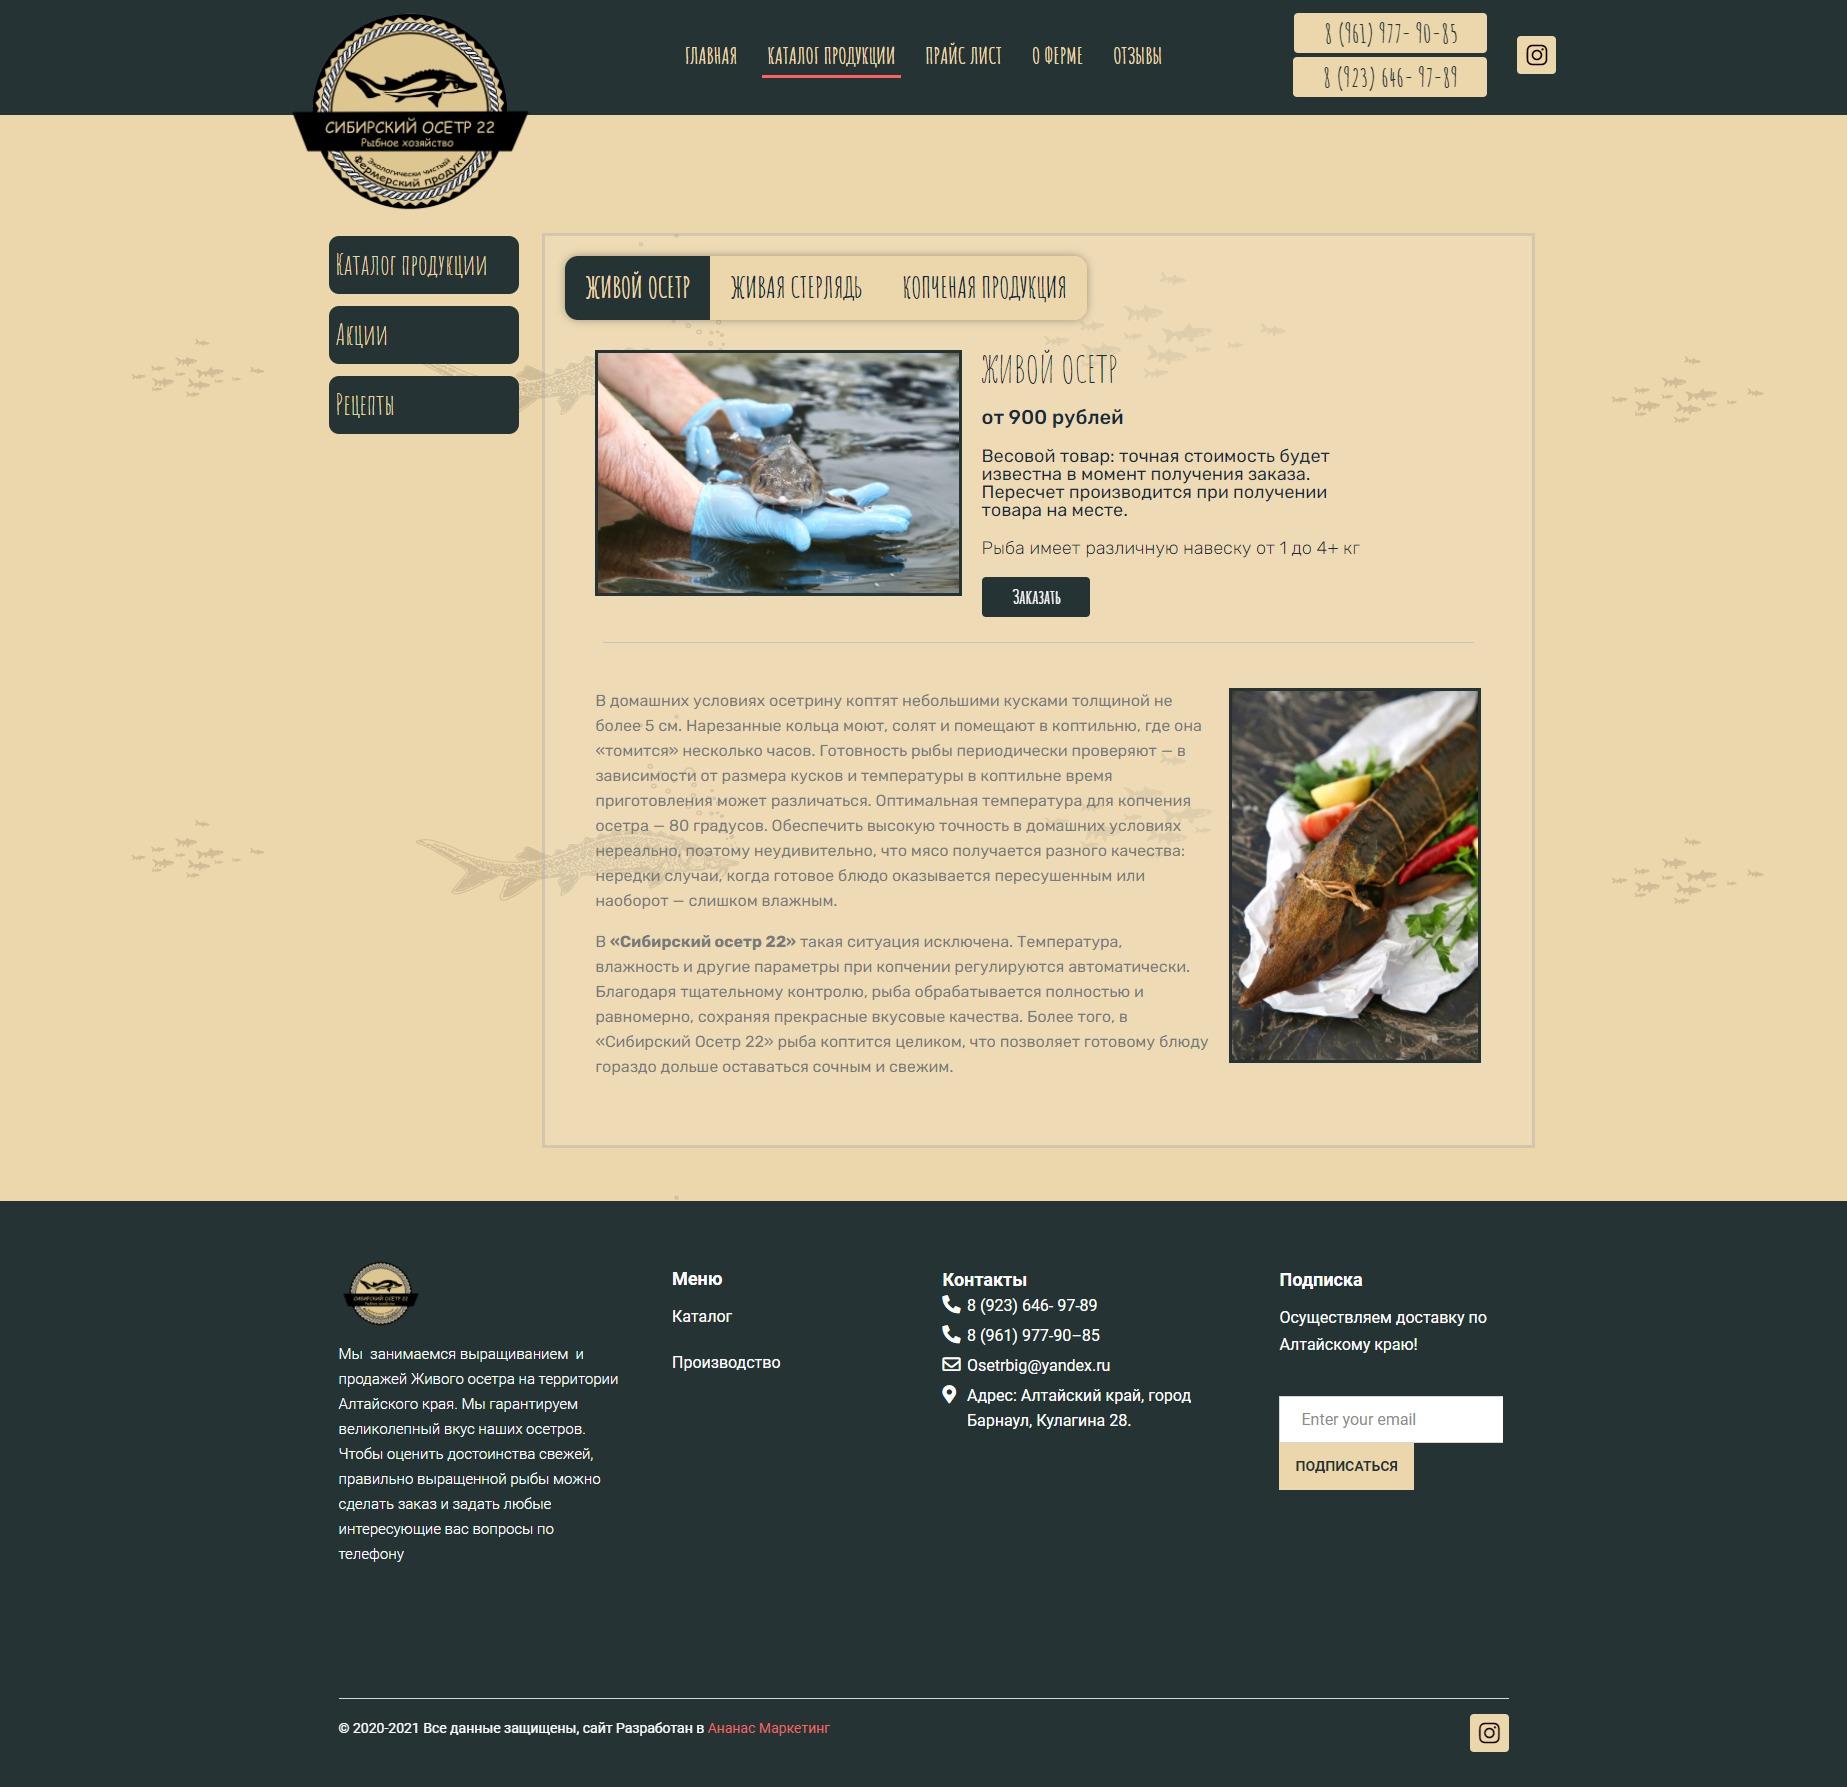 Пример готового сайта Каталог продукции — Сибирский Осетр 22 - sibirskyosetr22.ru